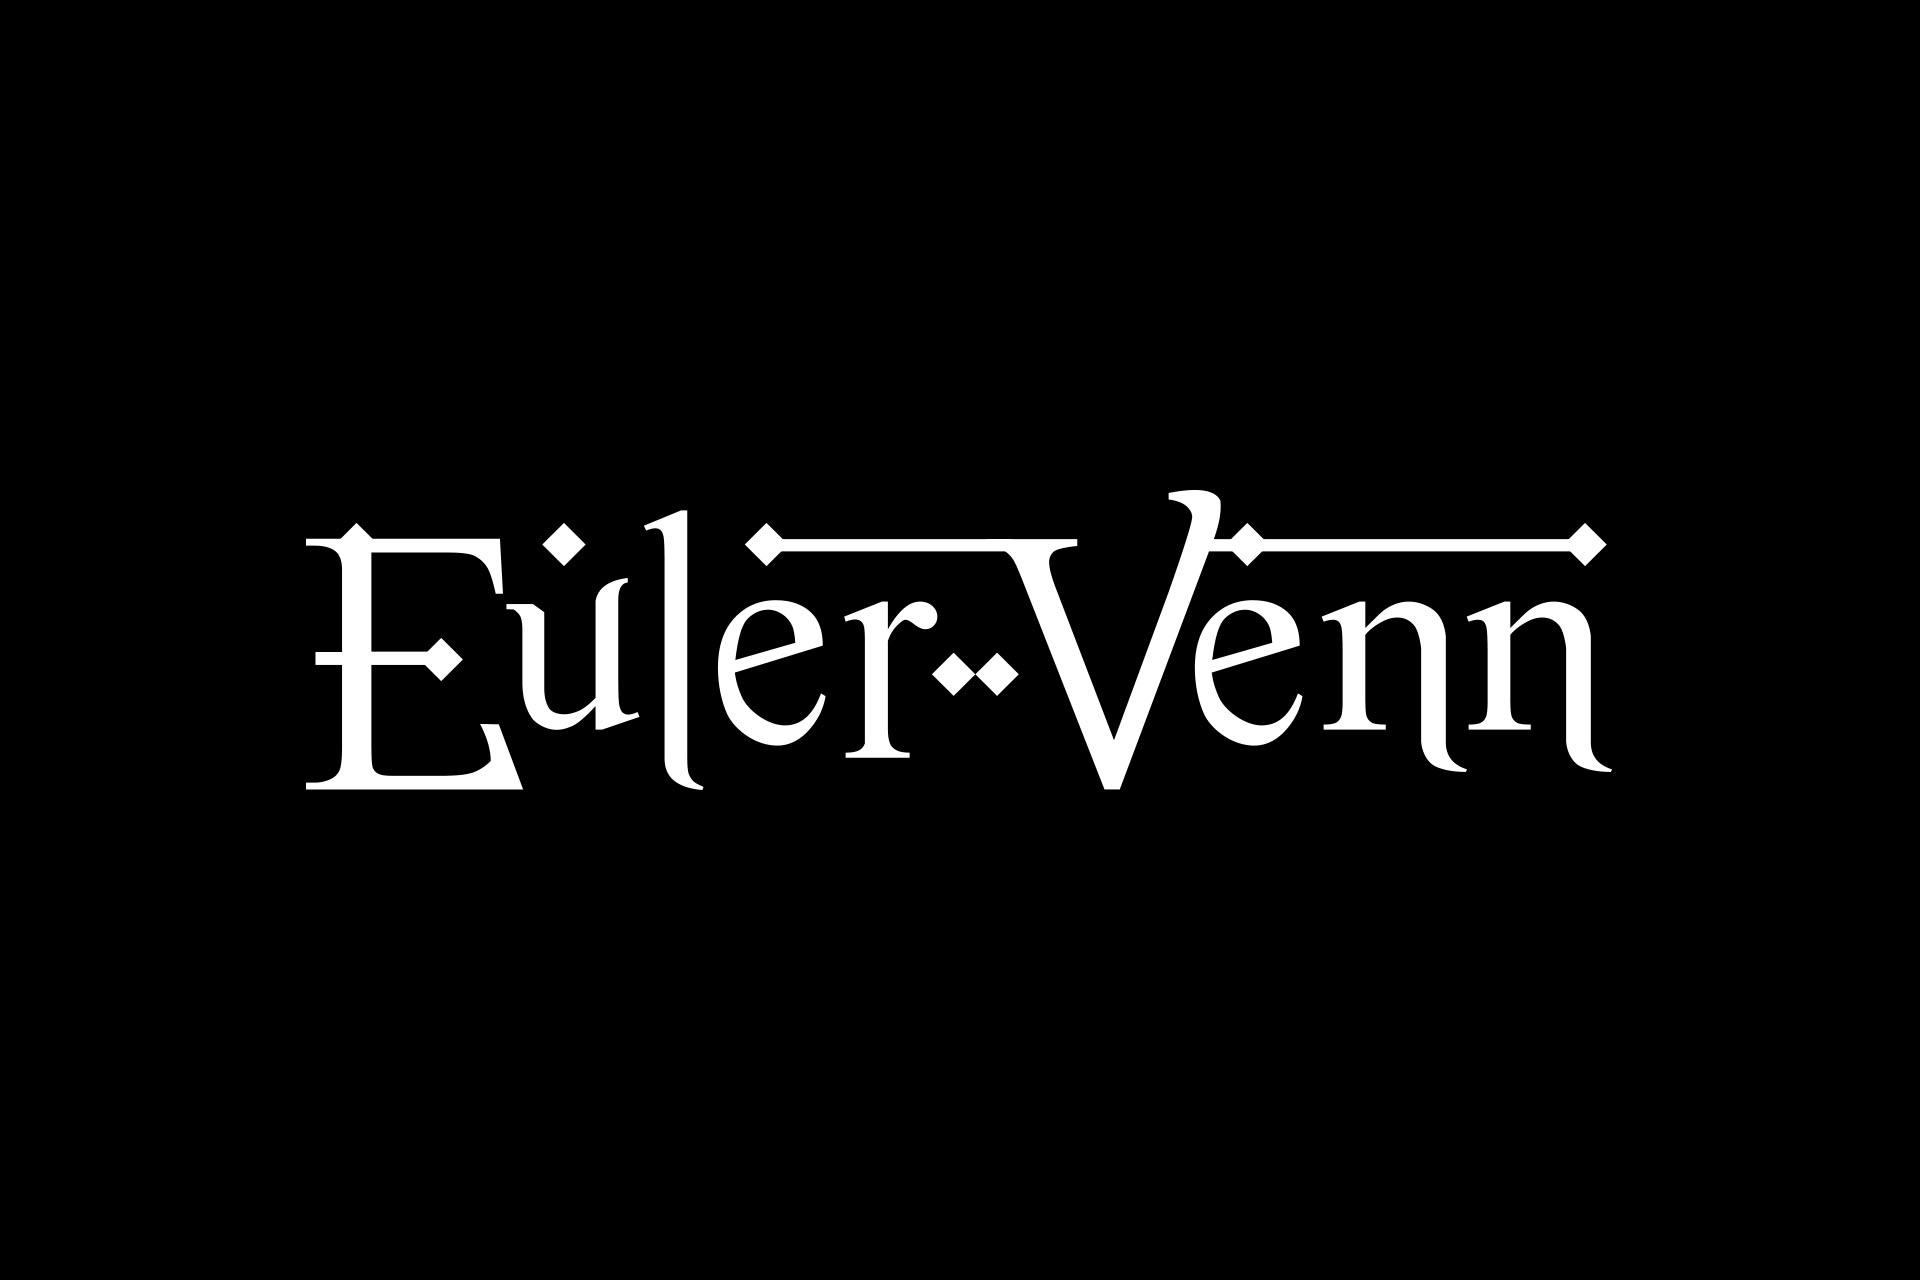 Euler-Venn